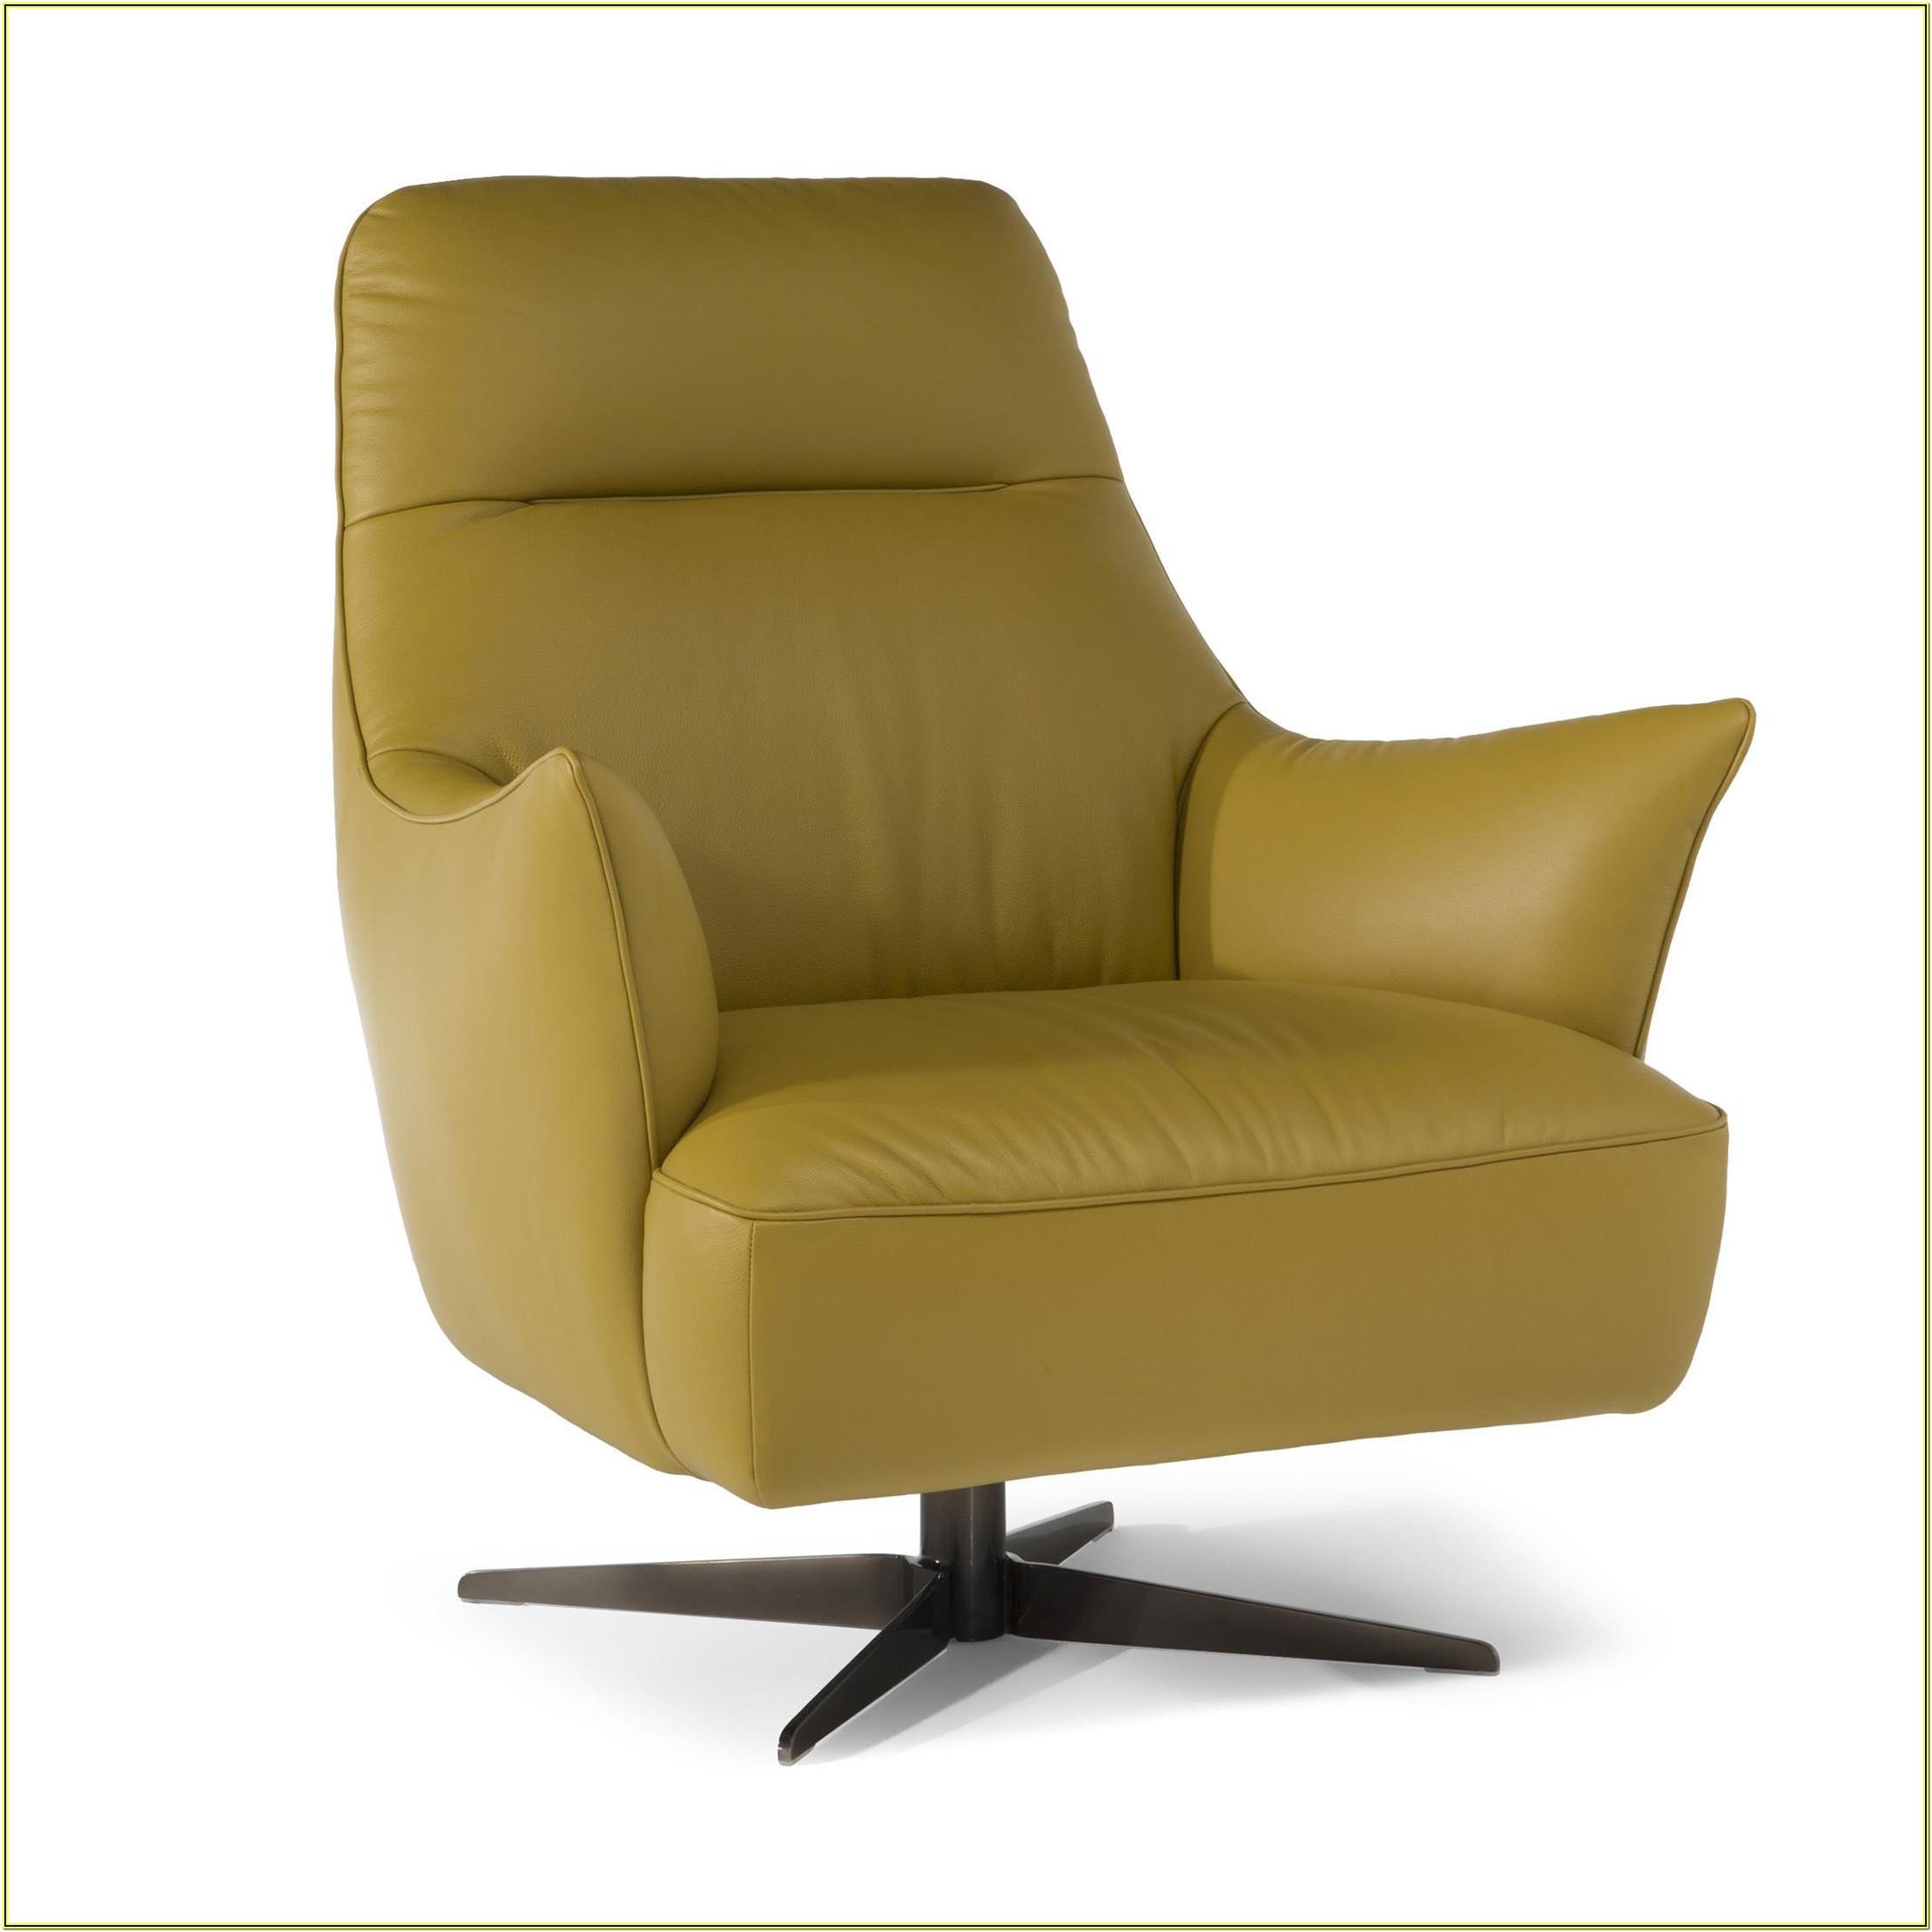 High Back Swivel Chair For Living Room